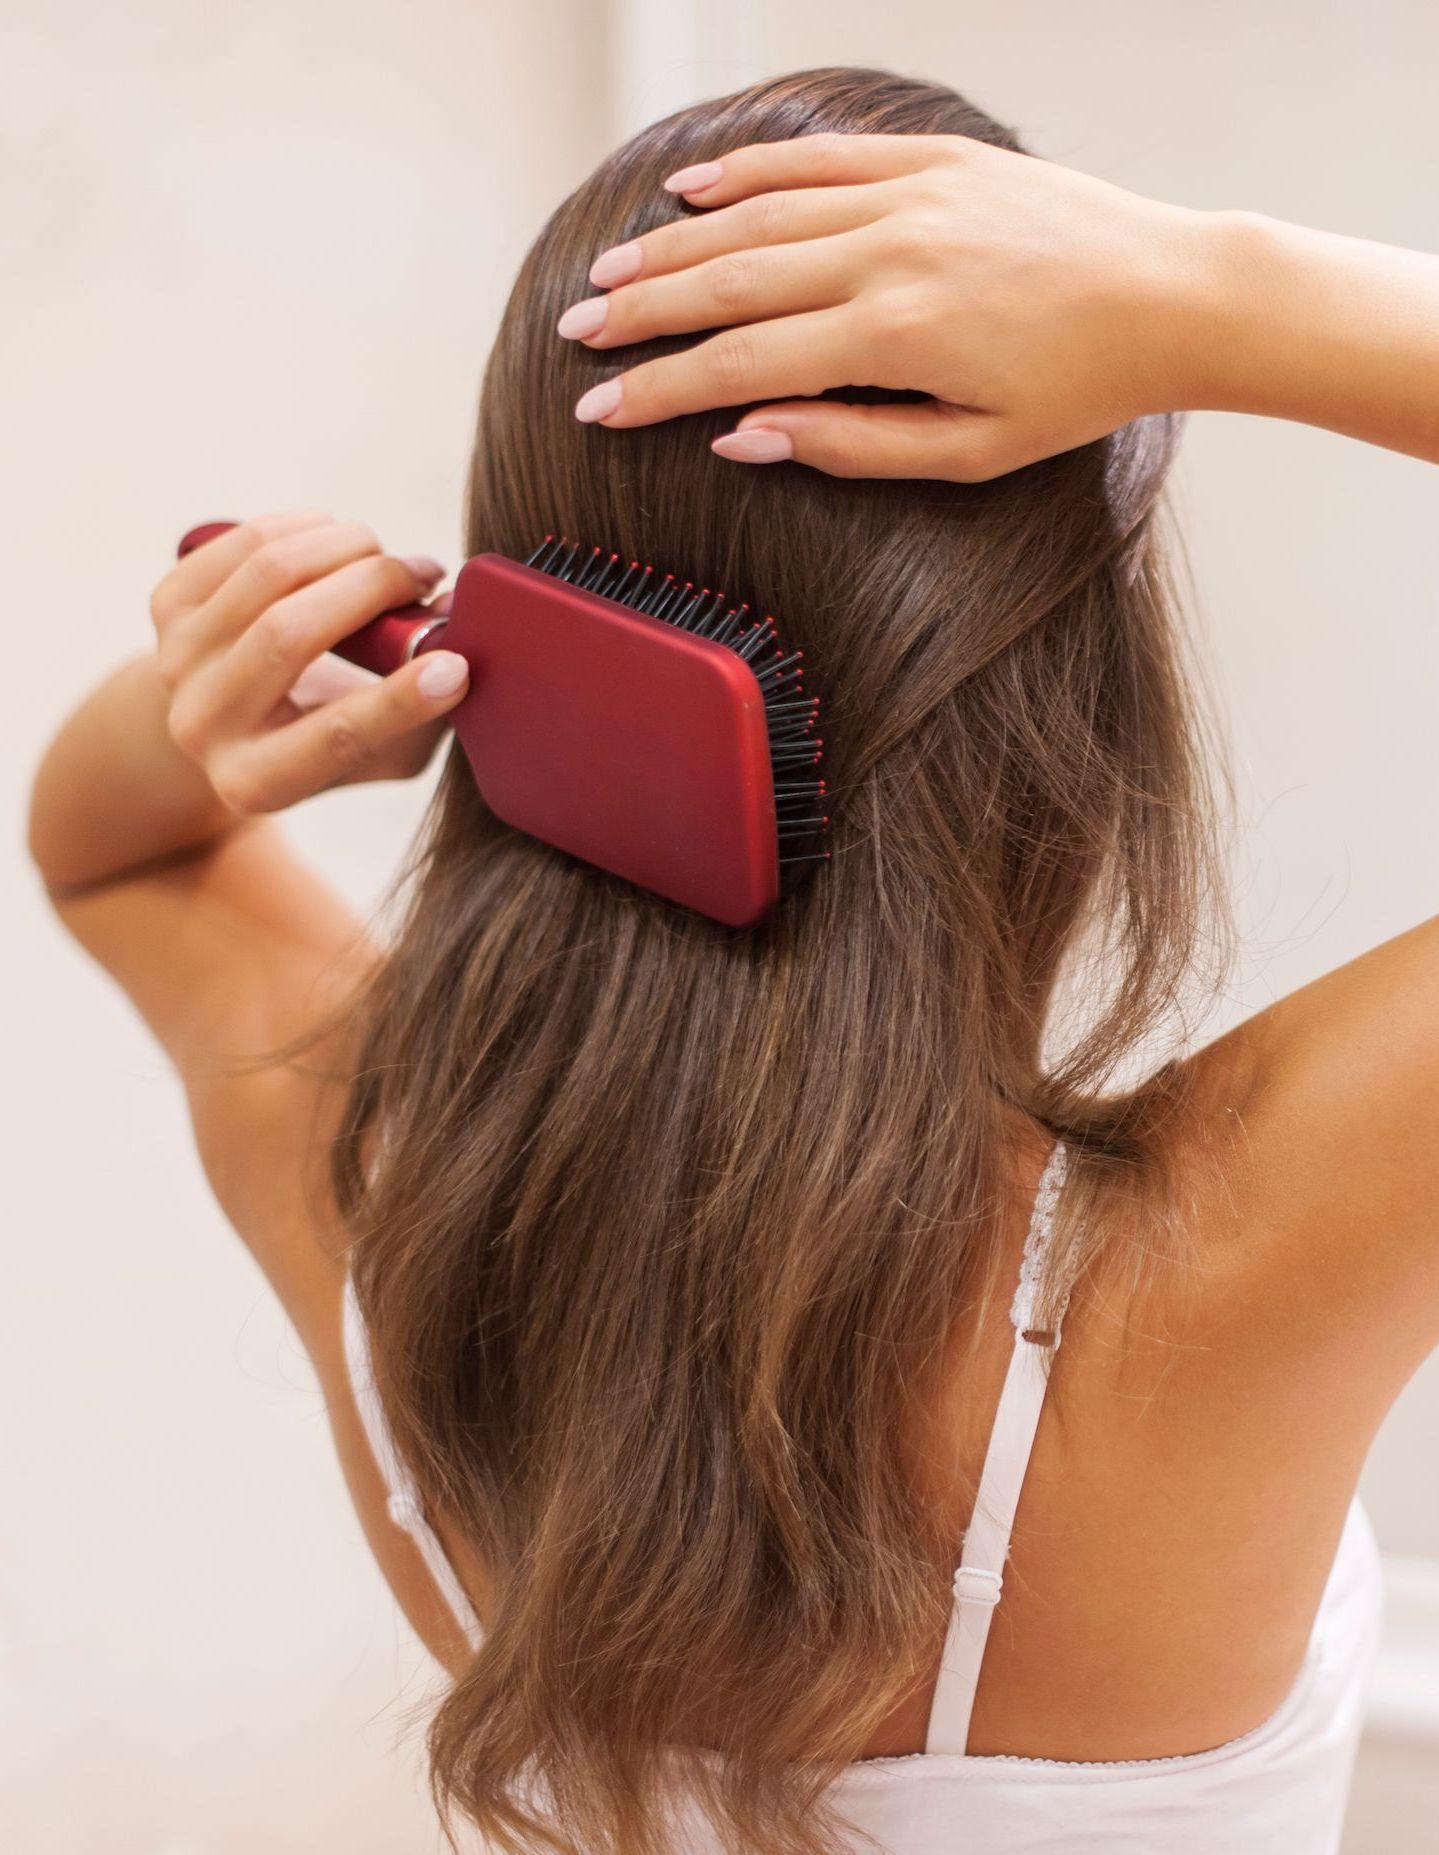 Blog conseils et astuces : faut-il laver ses cheveux tous les jours ?